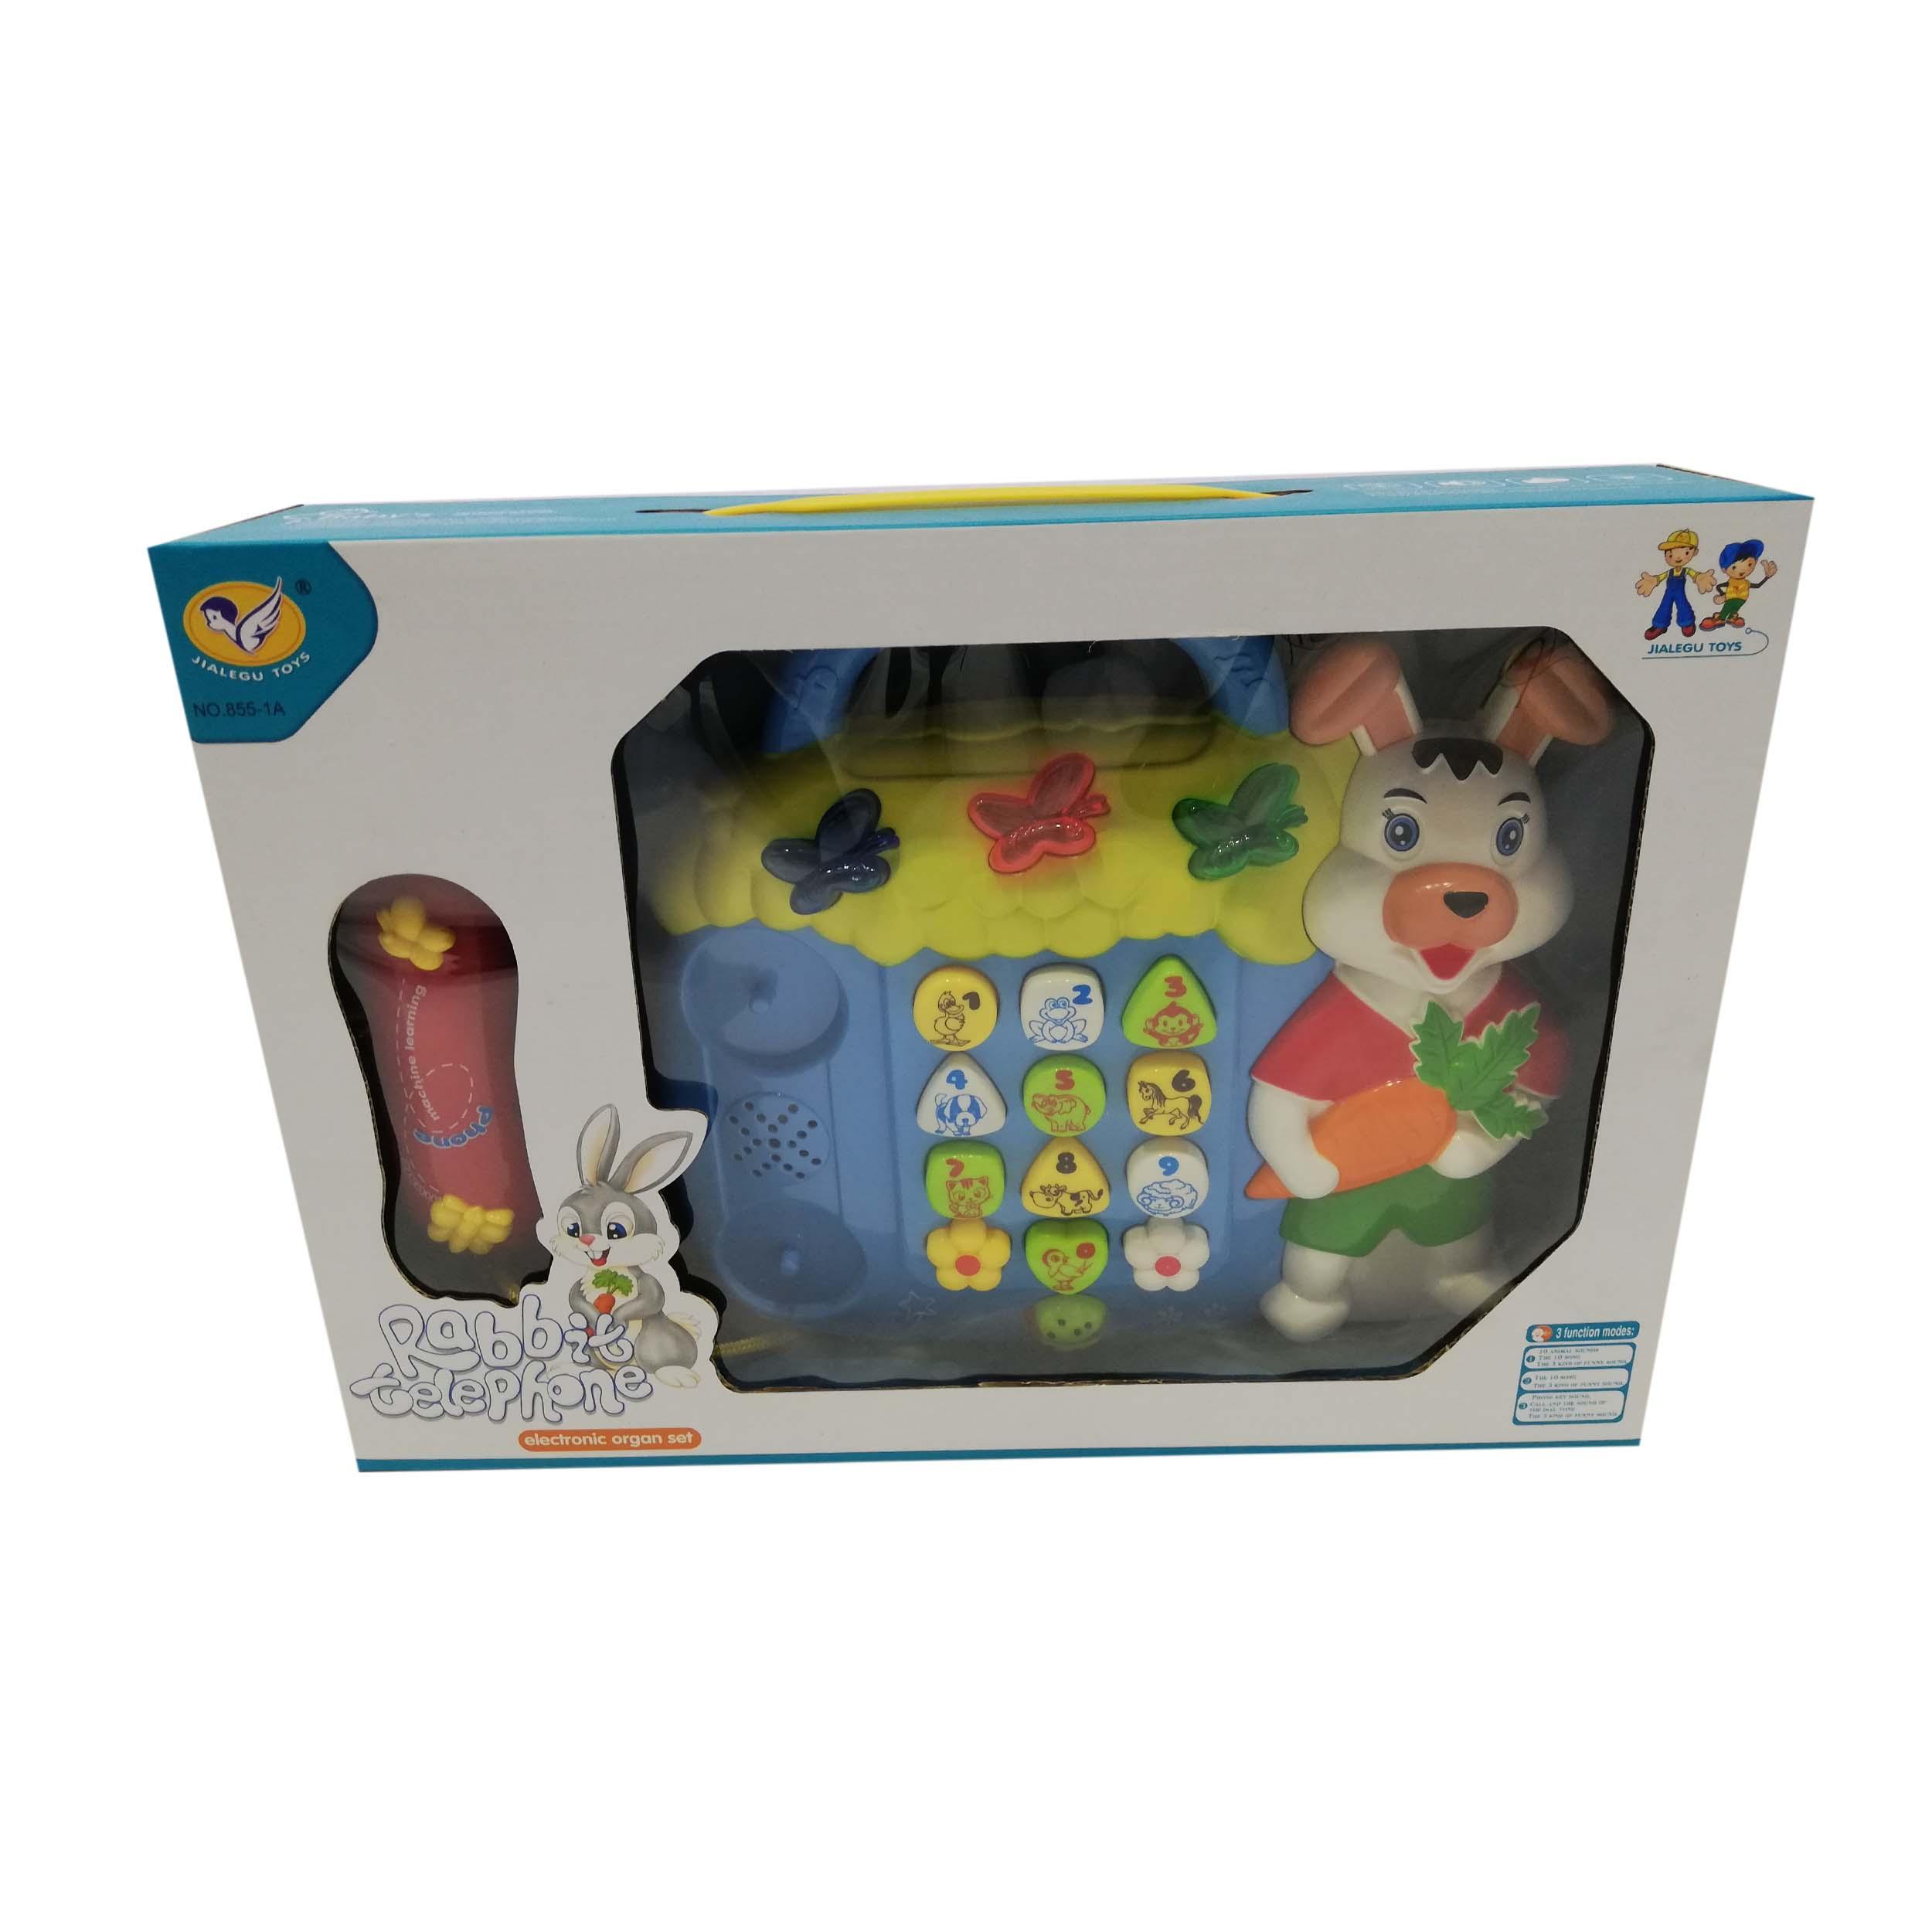 بازی آموزشی طرح تلفن مدل خرگوش کد NO.855-1A